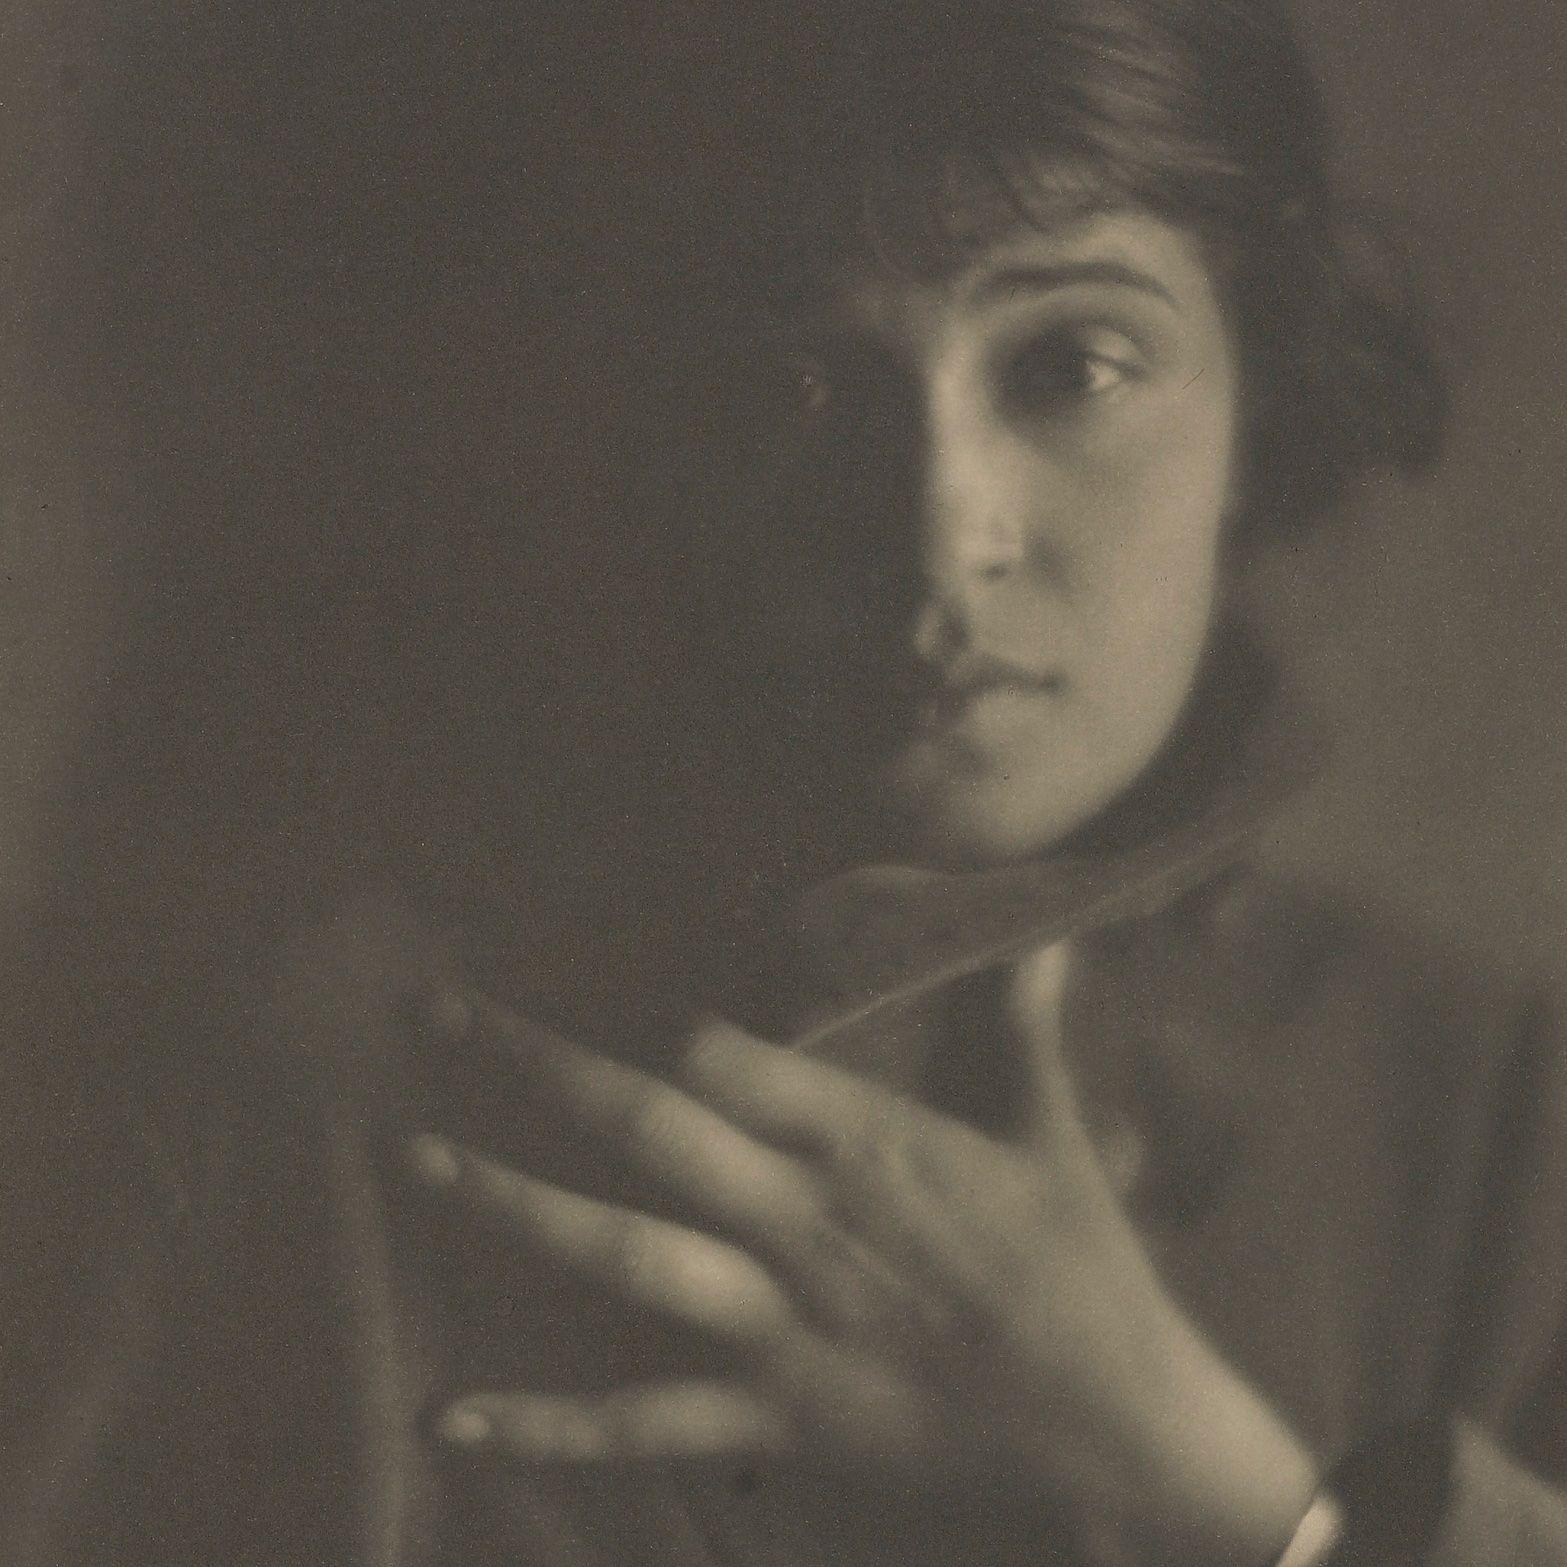 (fig.1: Tina Modotti, 1921, taken by Edward Weston)